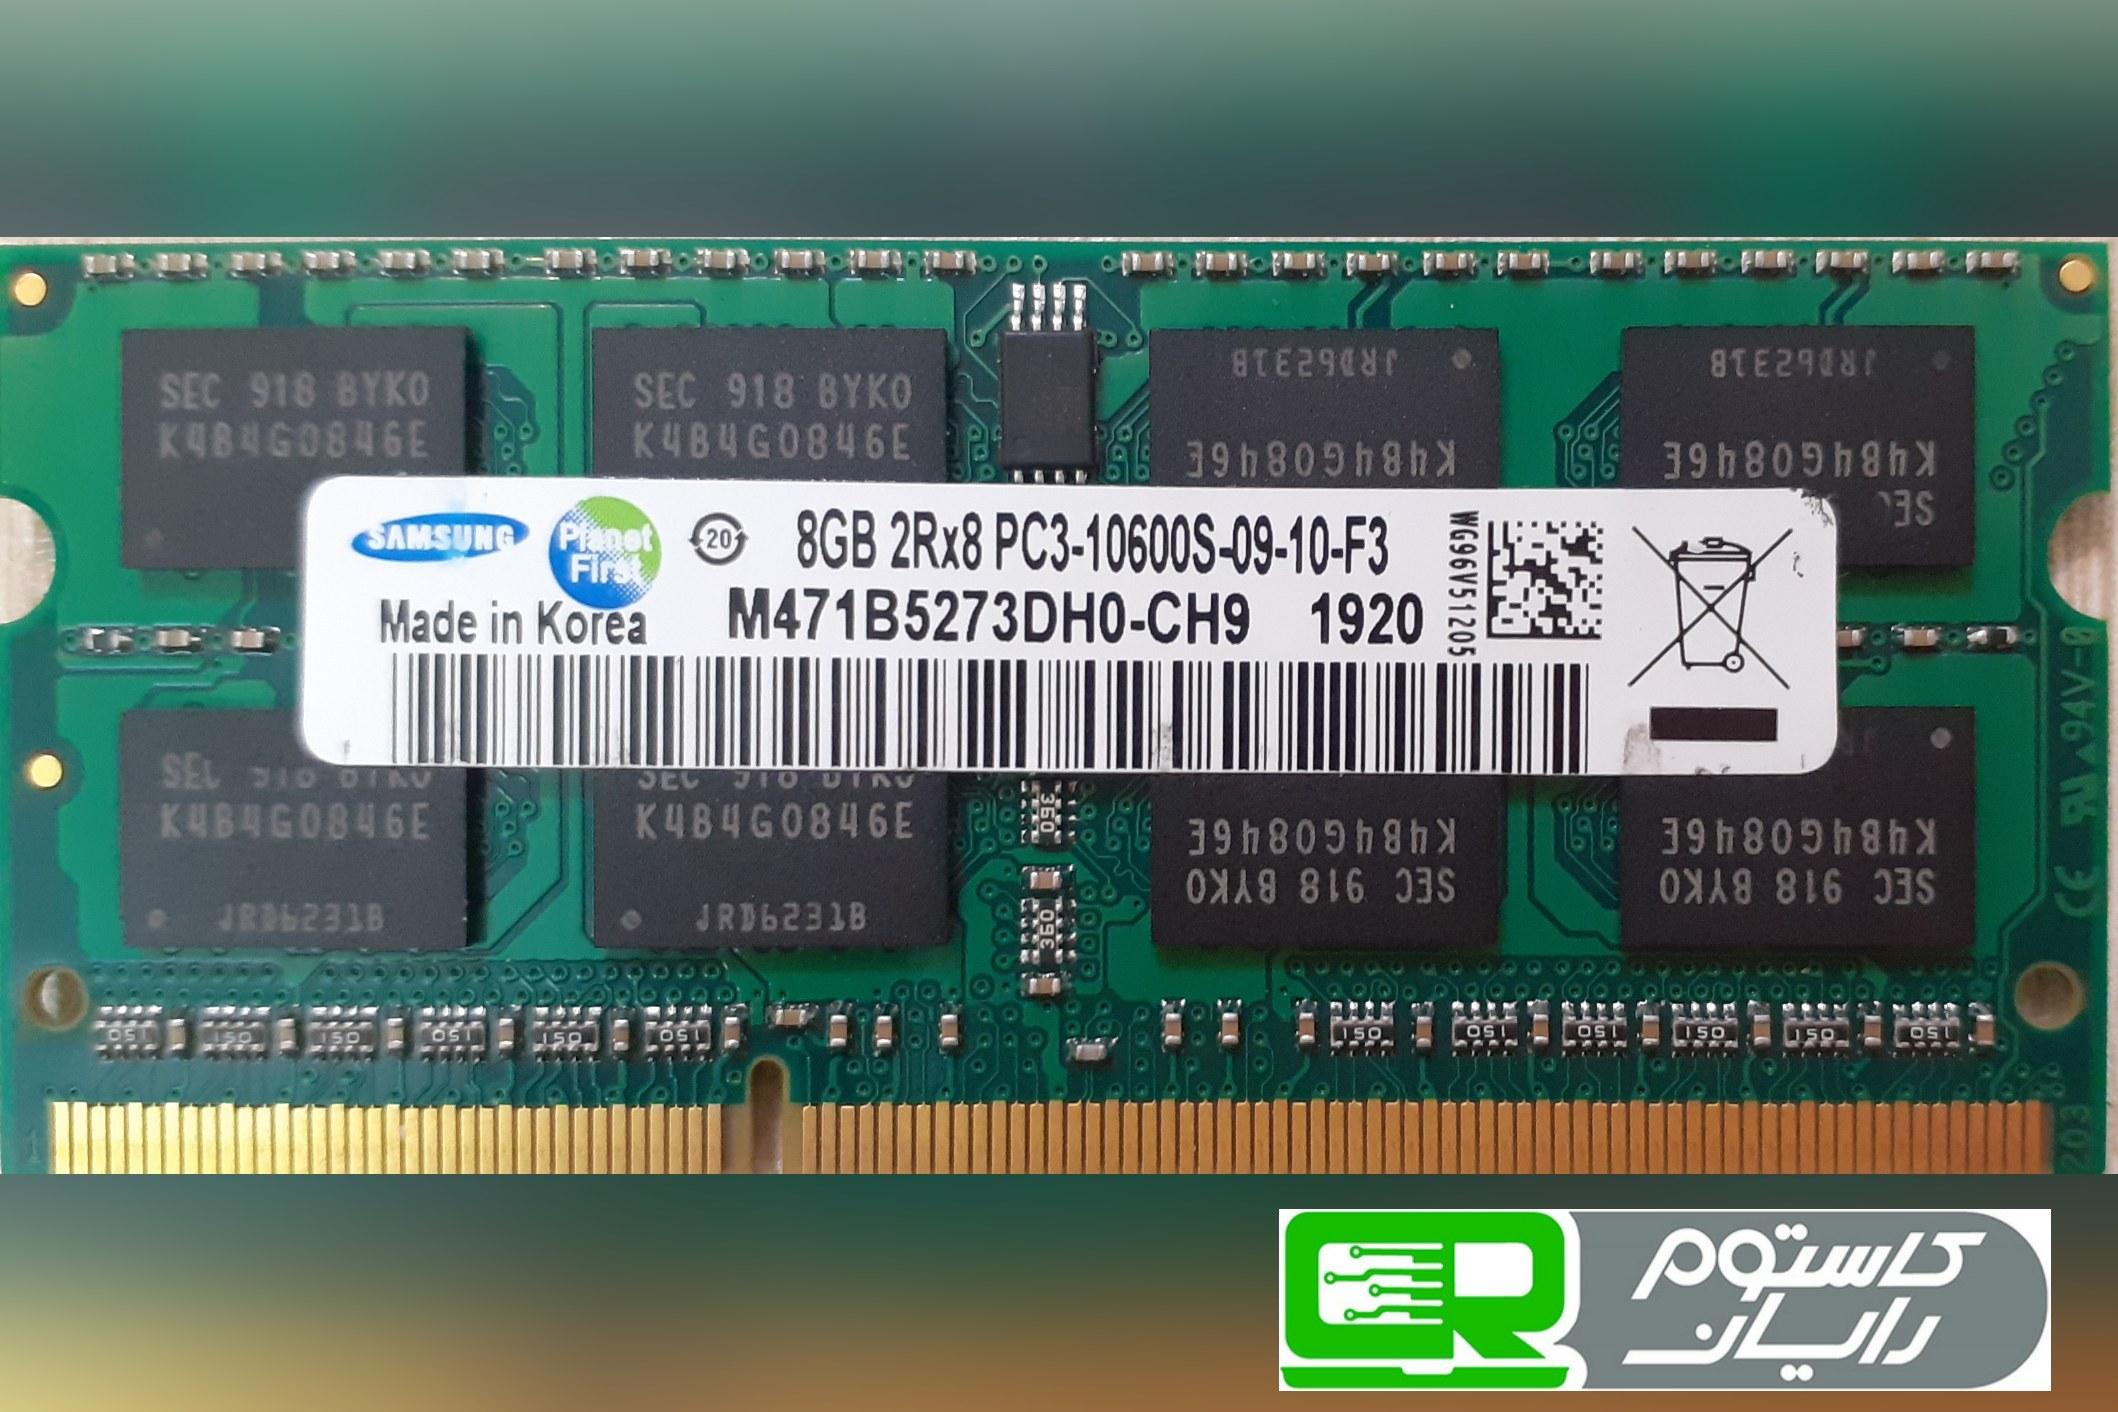 تصویر RAM Laptop SAMSUNG 8GB DDR3-1333 RAM Laptop SAMSUNG 8GB DDR3-1333